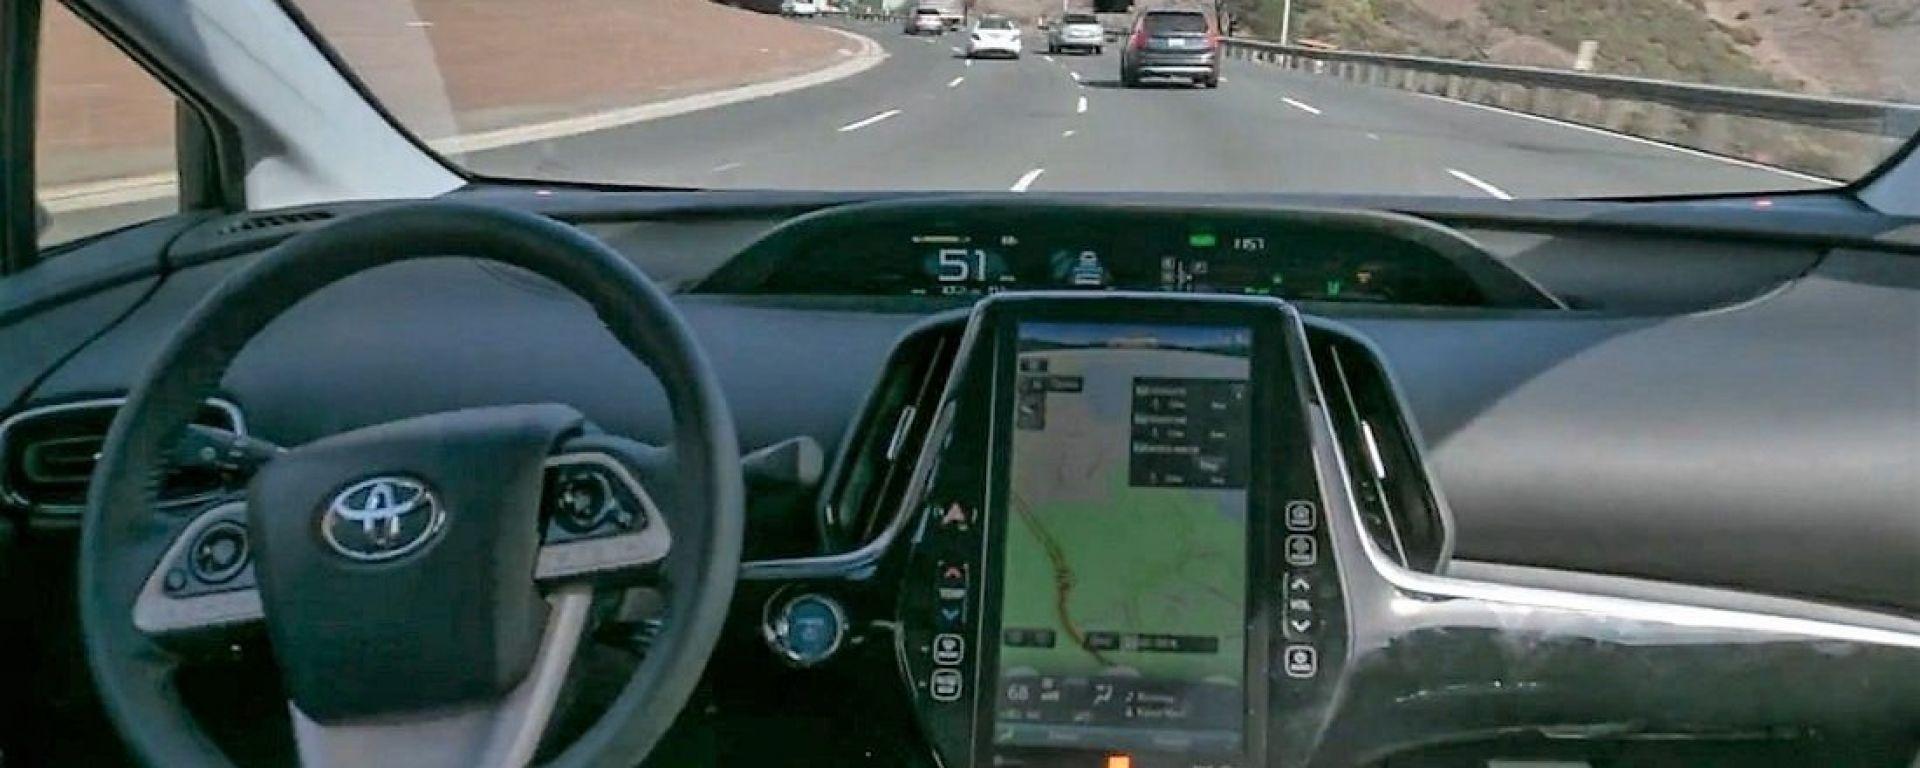 Copilot dio Pronto A.I.: il sistema di guida autonoma aftermarket su una Toyota Prius